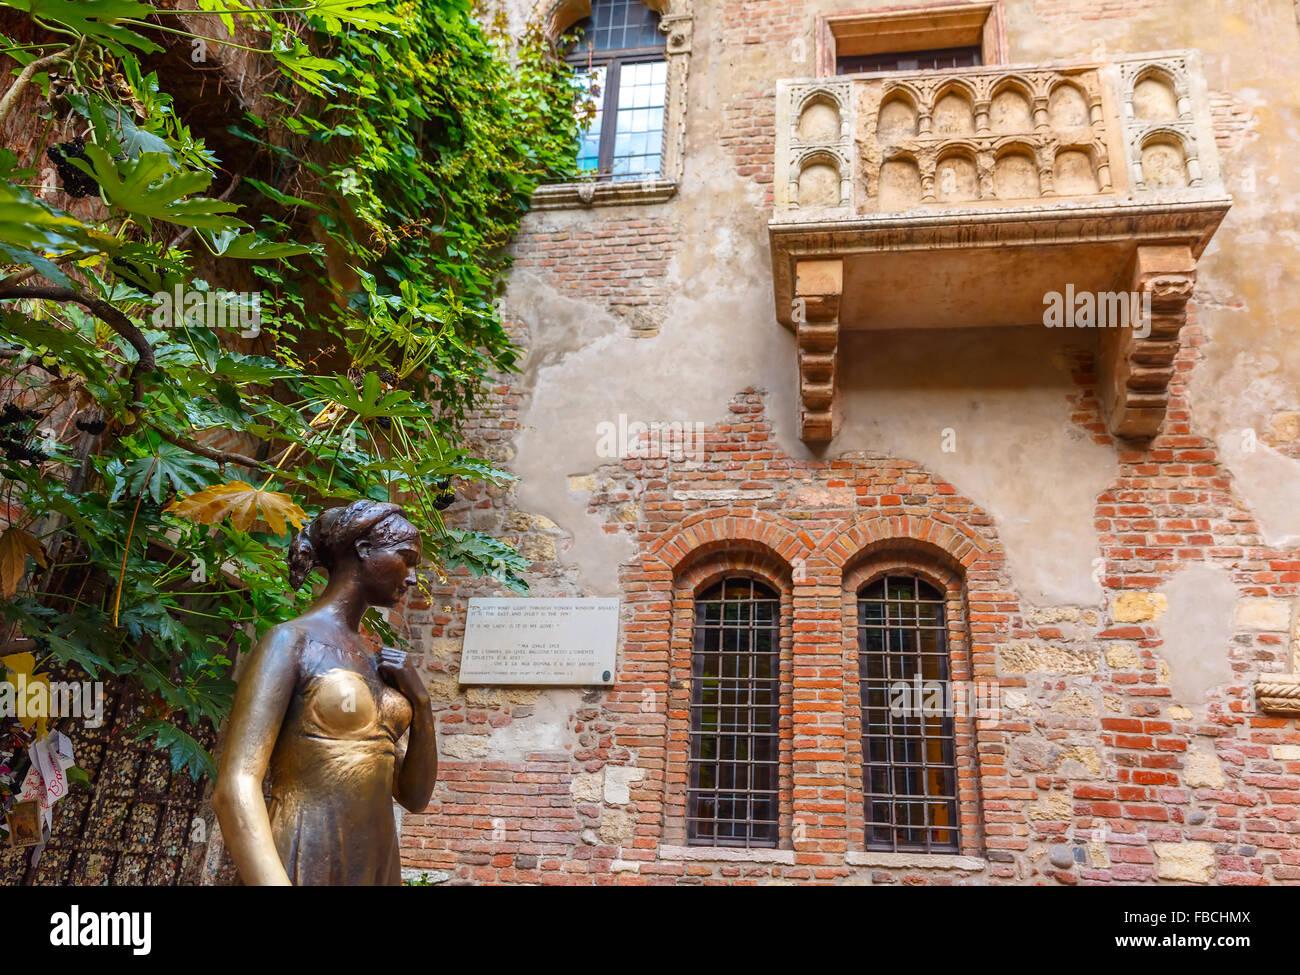 Romeo and Juliet balcony in Verona, Italy - Stock Image